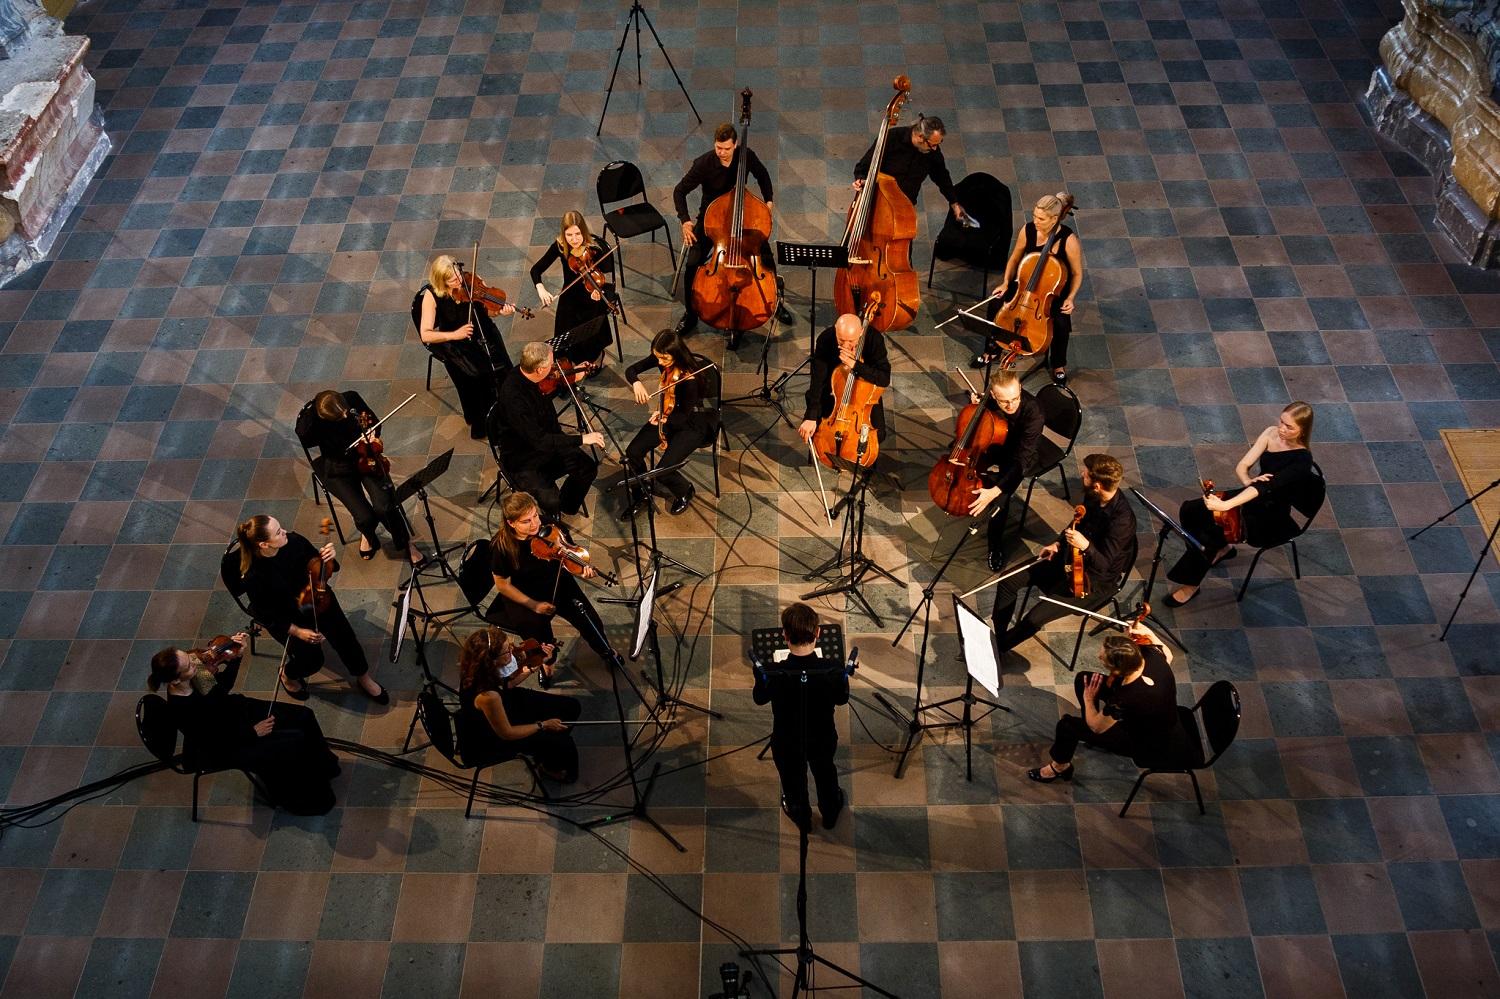 Išskirtinis įvykis - koncertas skirtas maestro Krzysztofui Pendereckiui